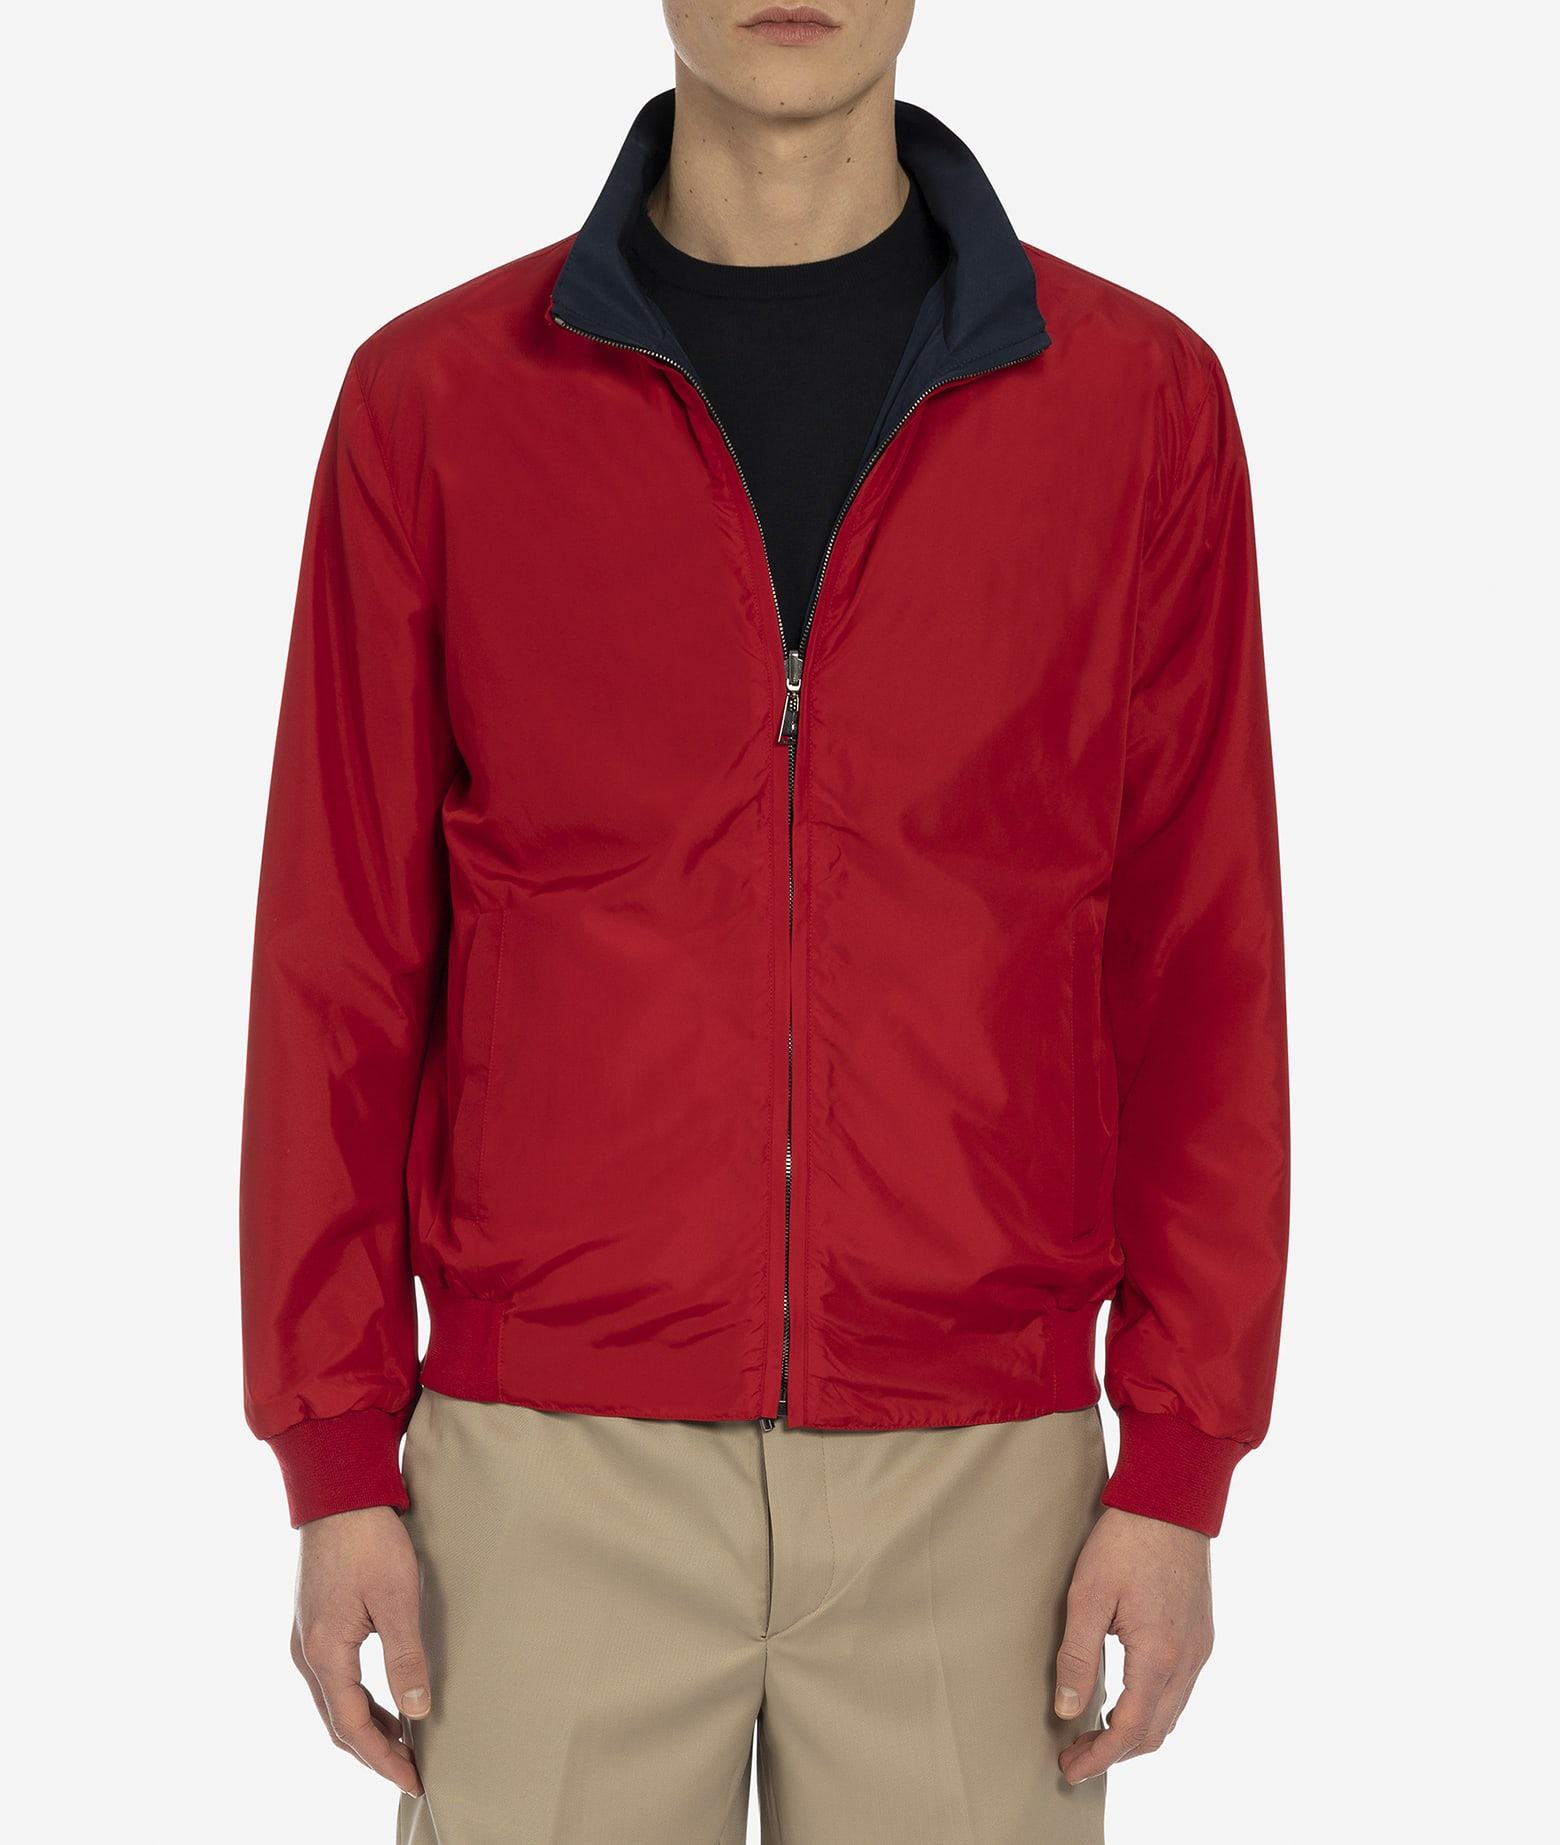 leeward Jacket